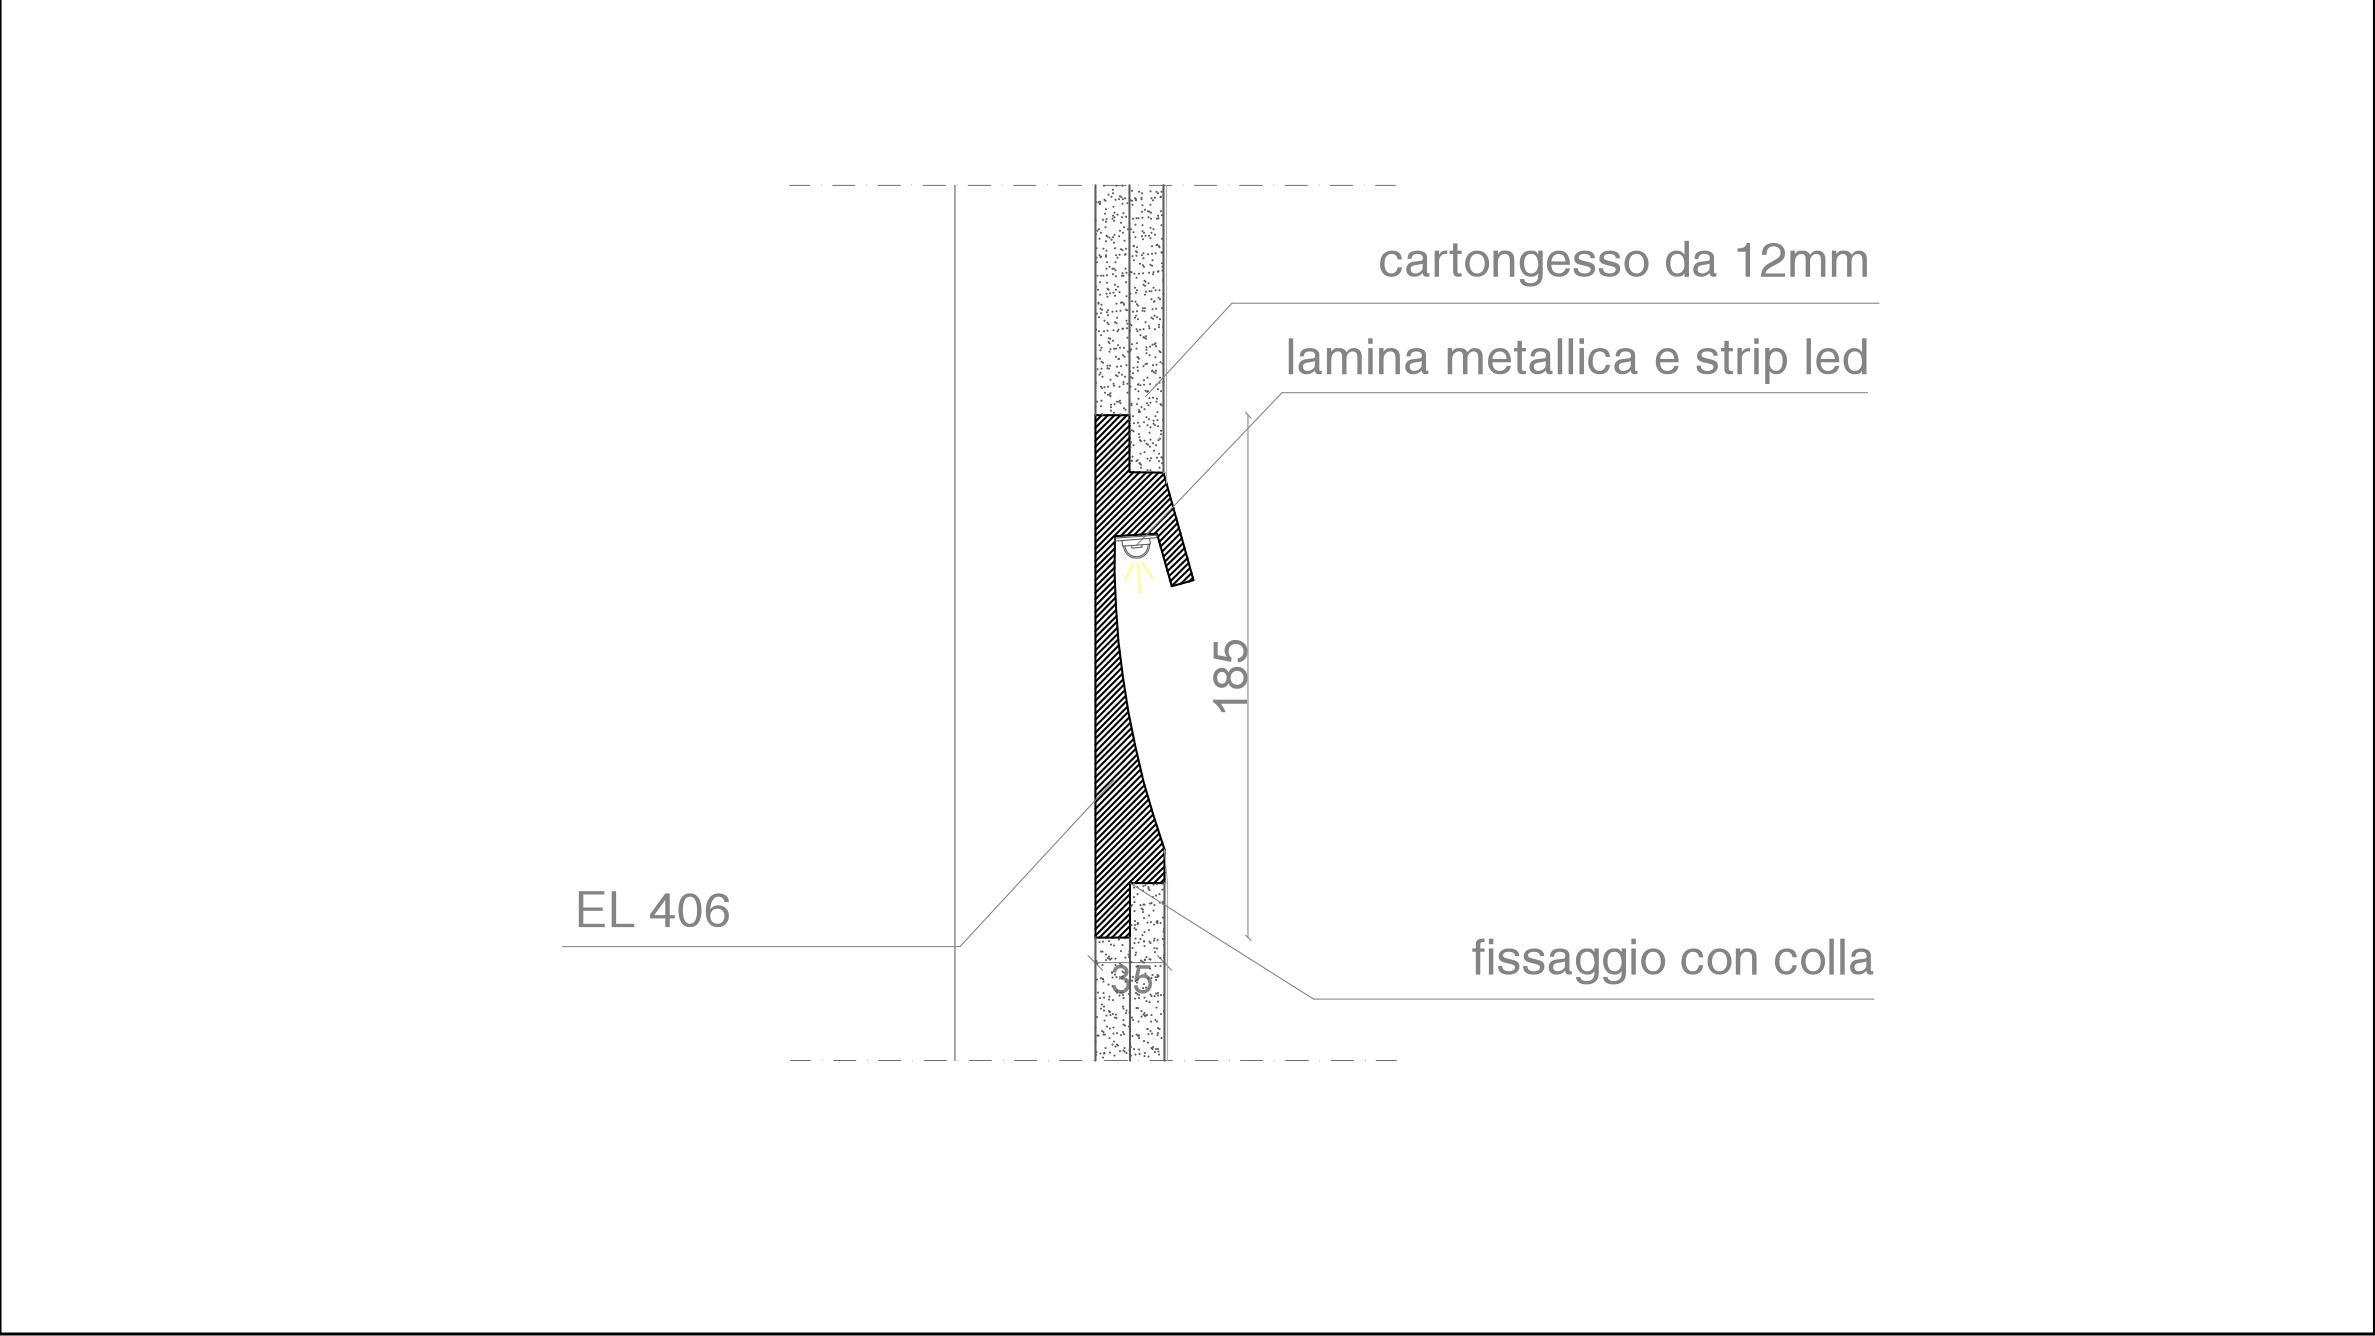 EL406-sezione-web